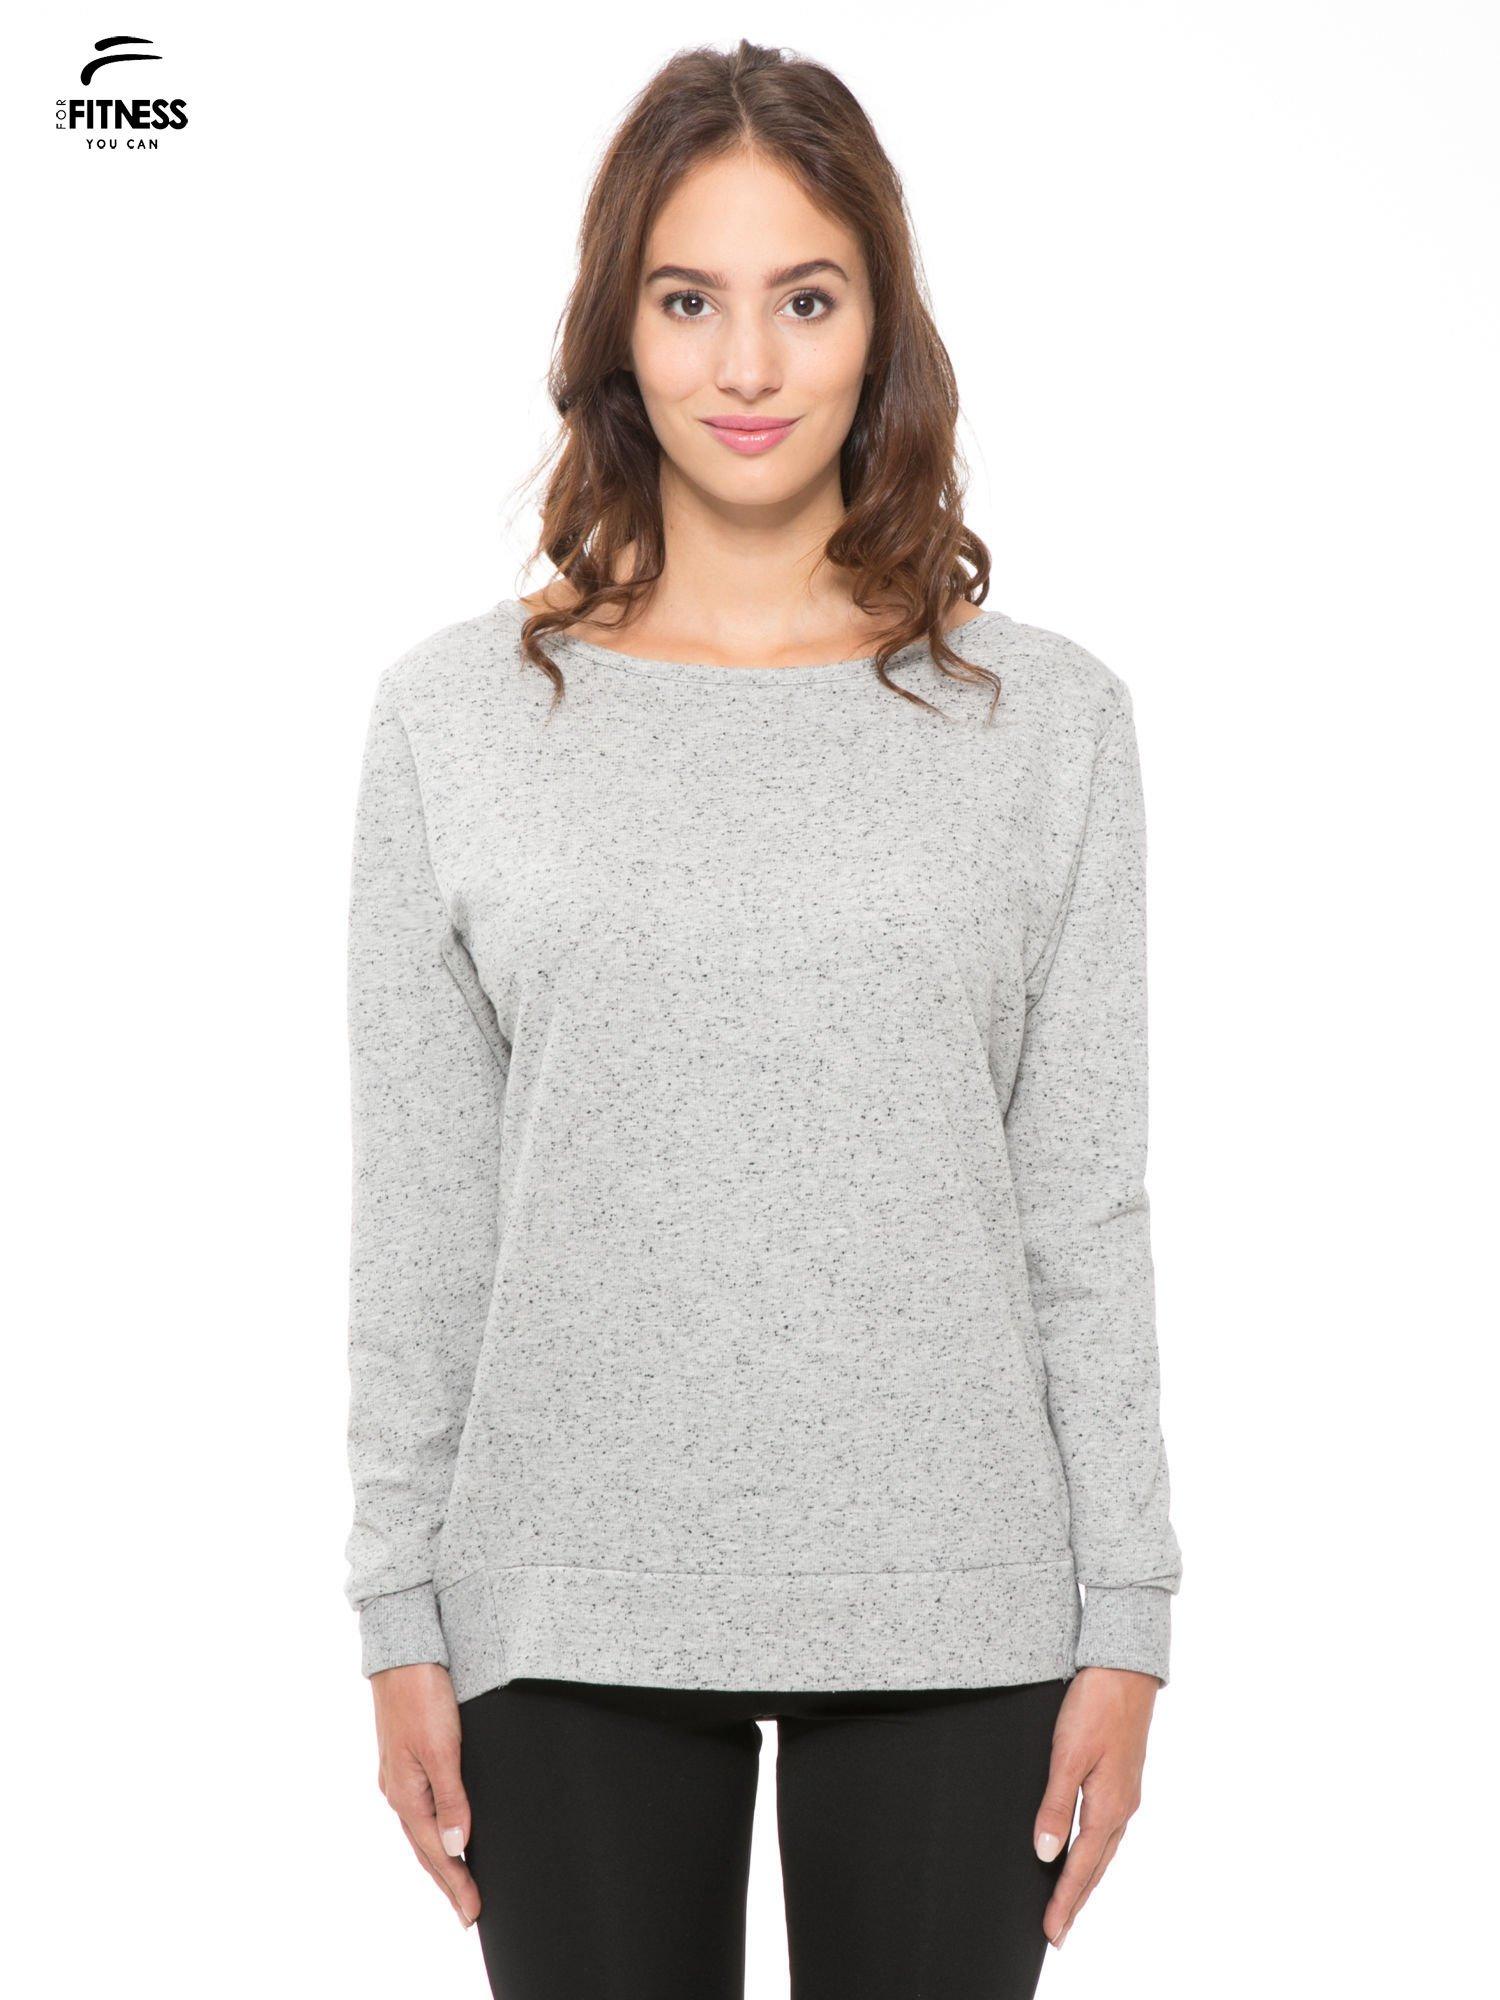 Szara melanżowa bluza dresowa z nietoperzowymi rękawami                                  zdj.                                  1